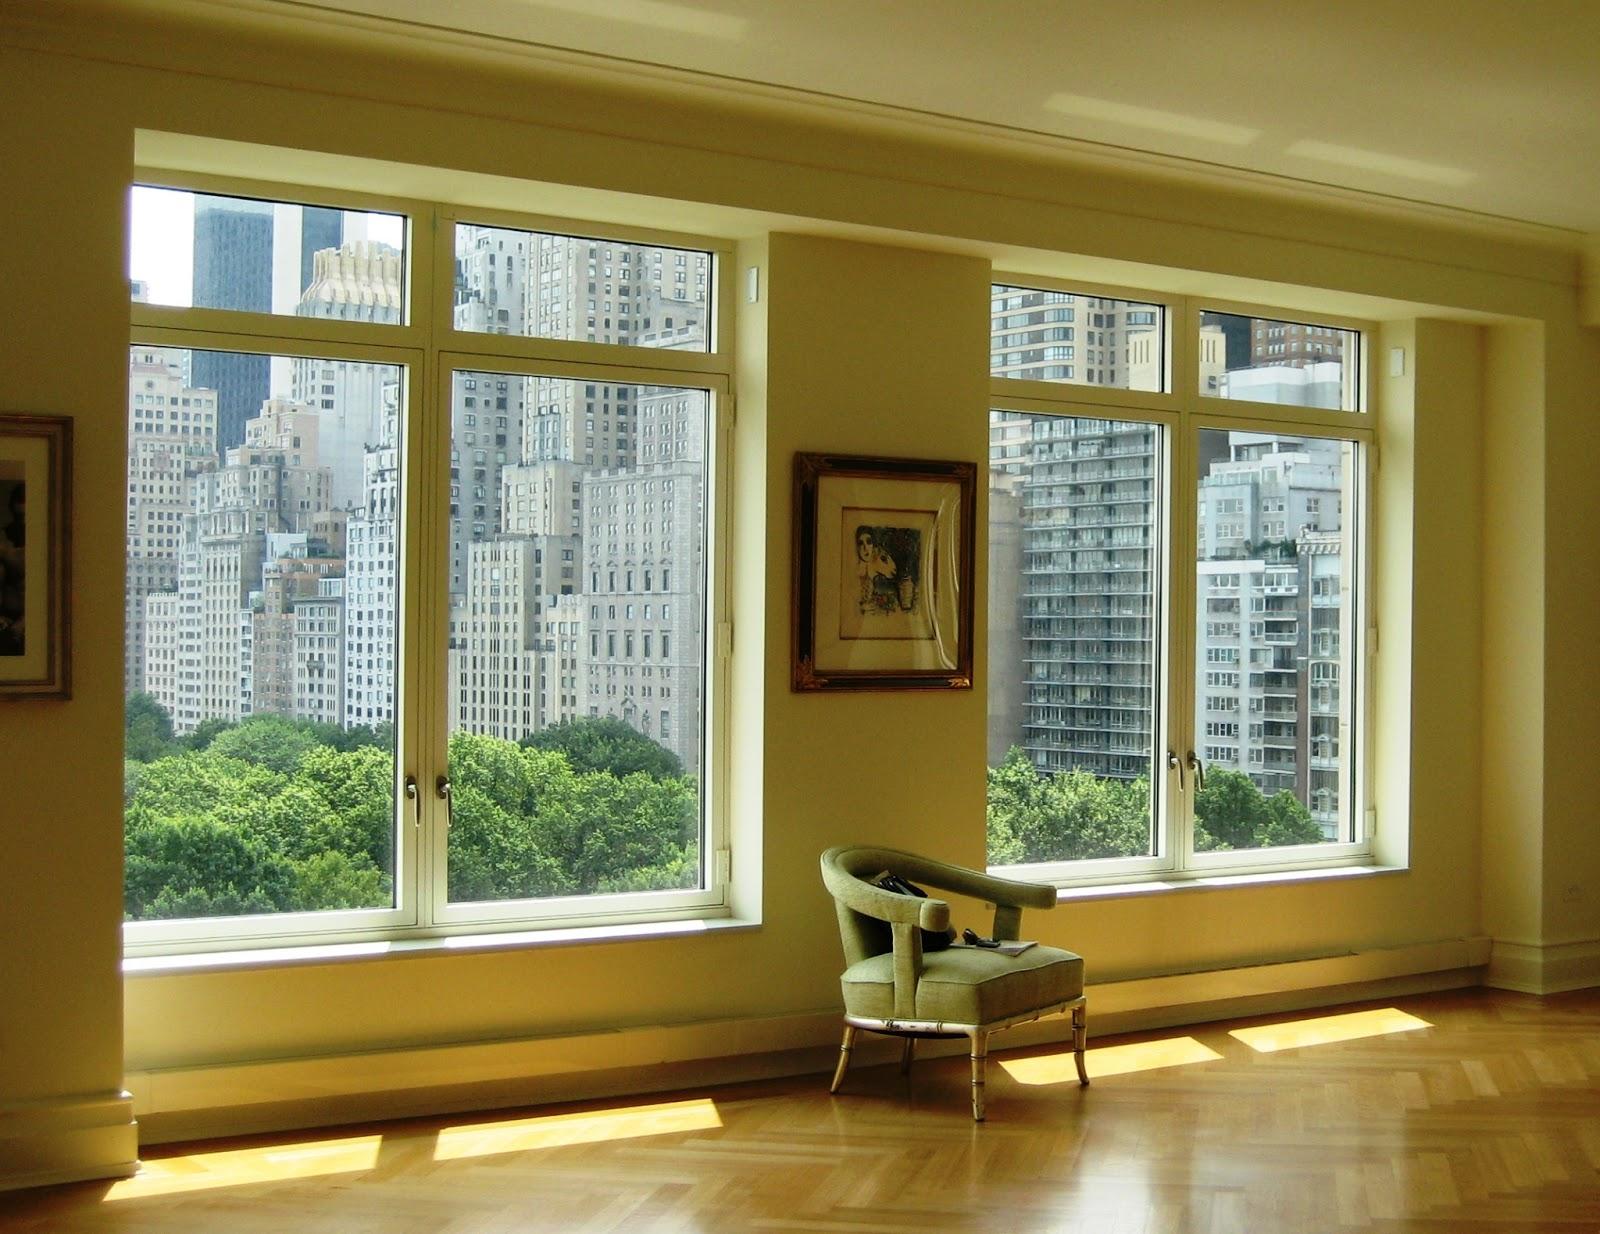 Manhattan Wohnung tremendous wohnungen york manhattan thoughts debt services us